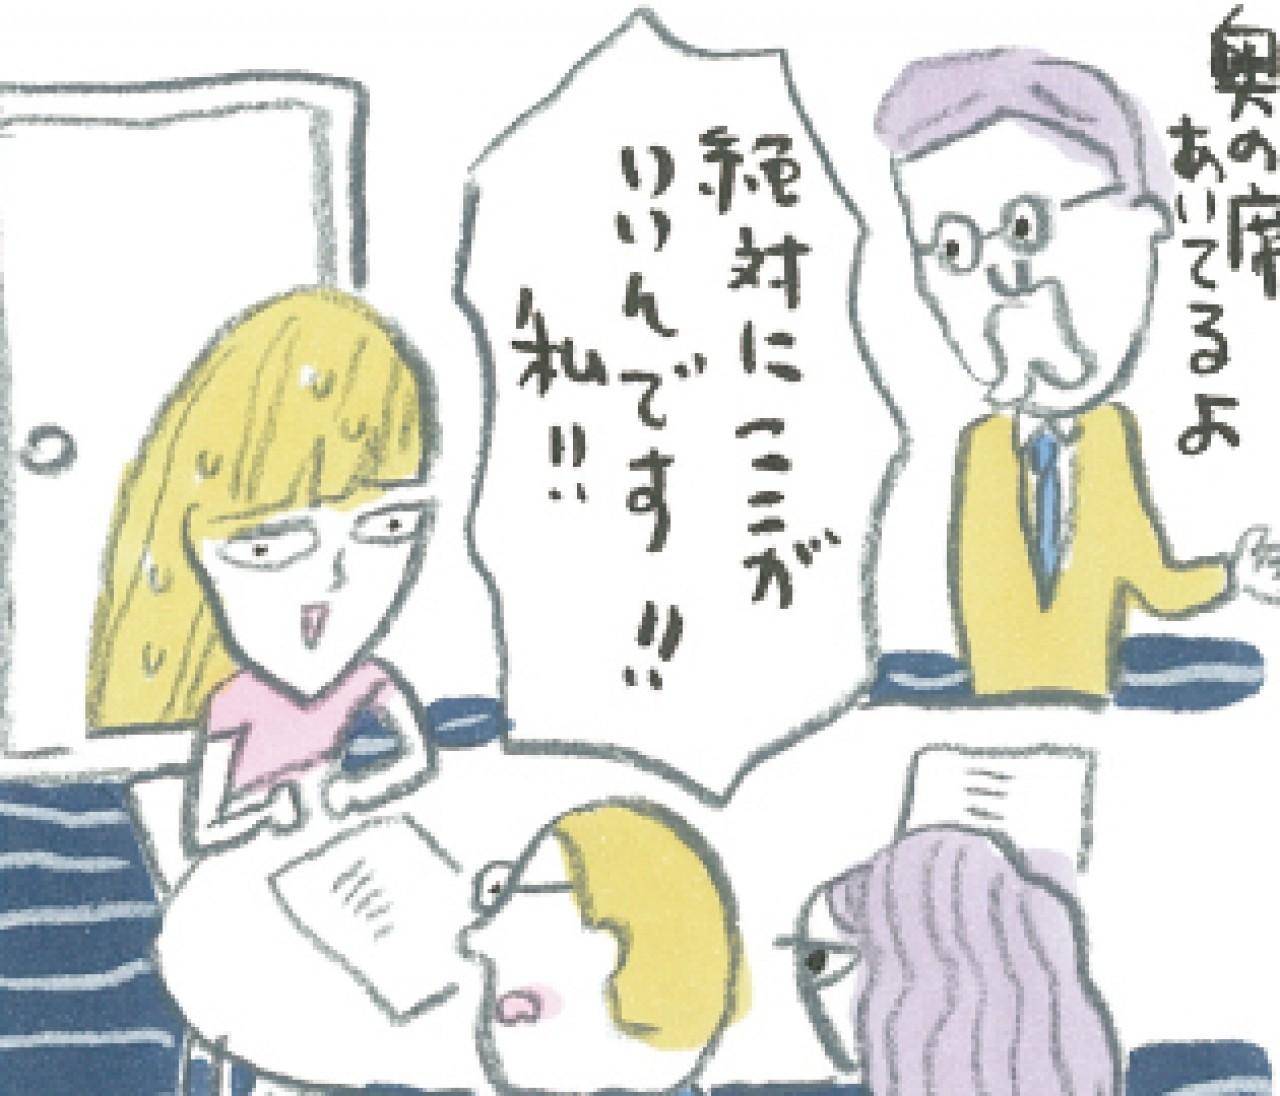 【涙の膀胱炎エピソード】みんなが職場やデートで苦労したことって?